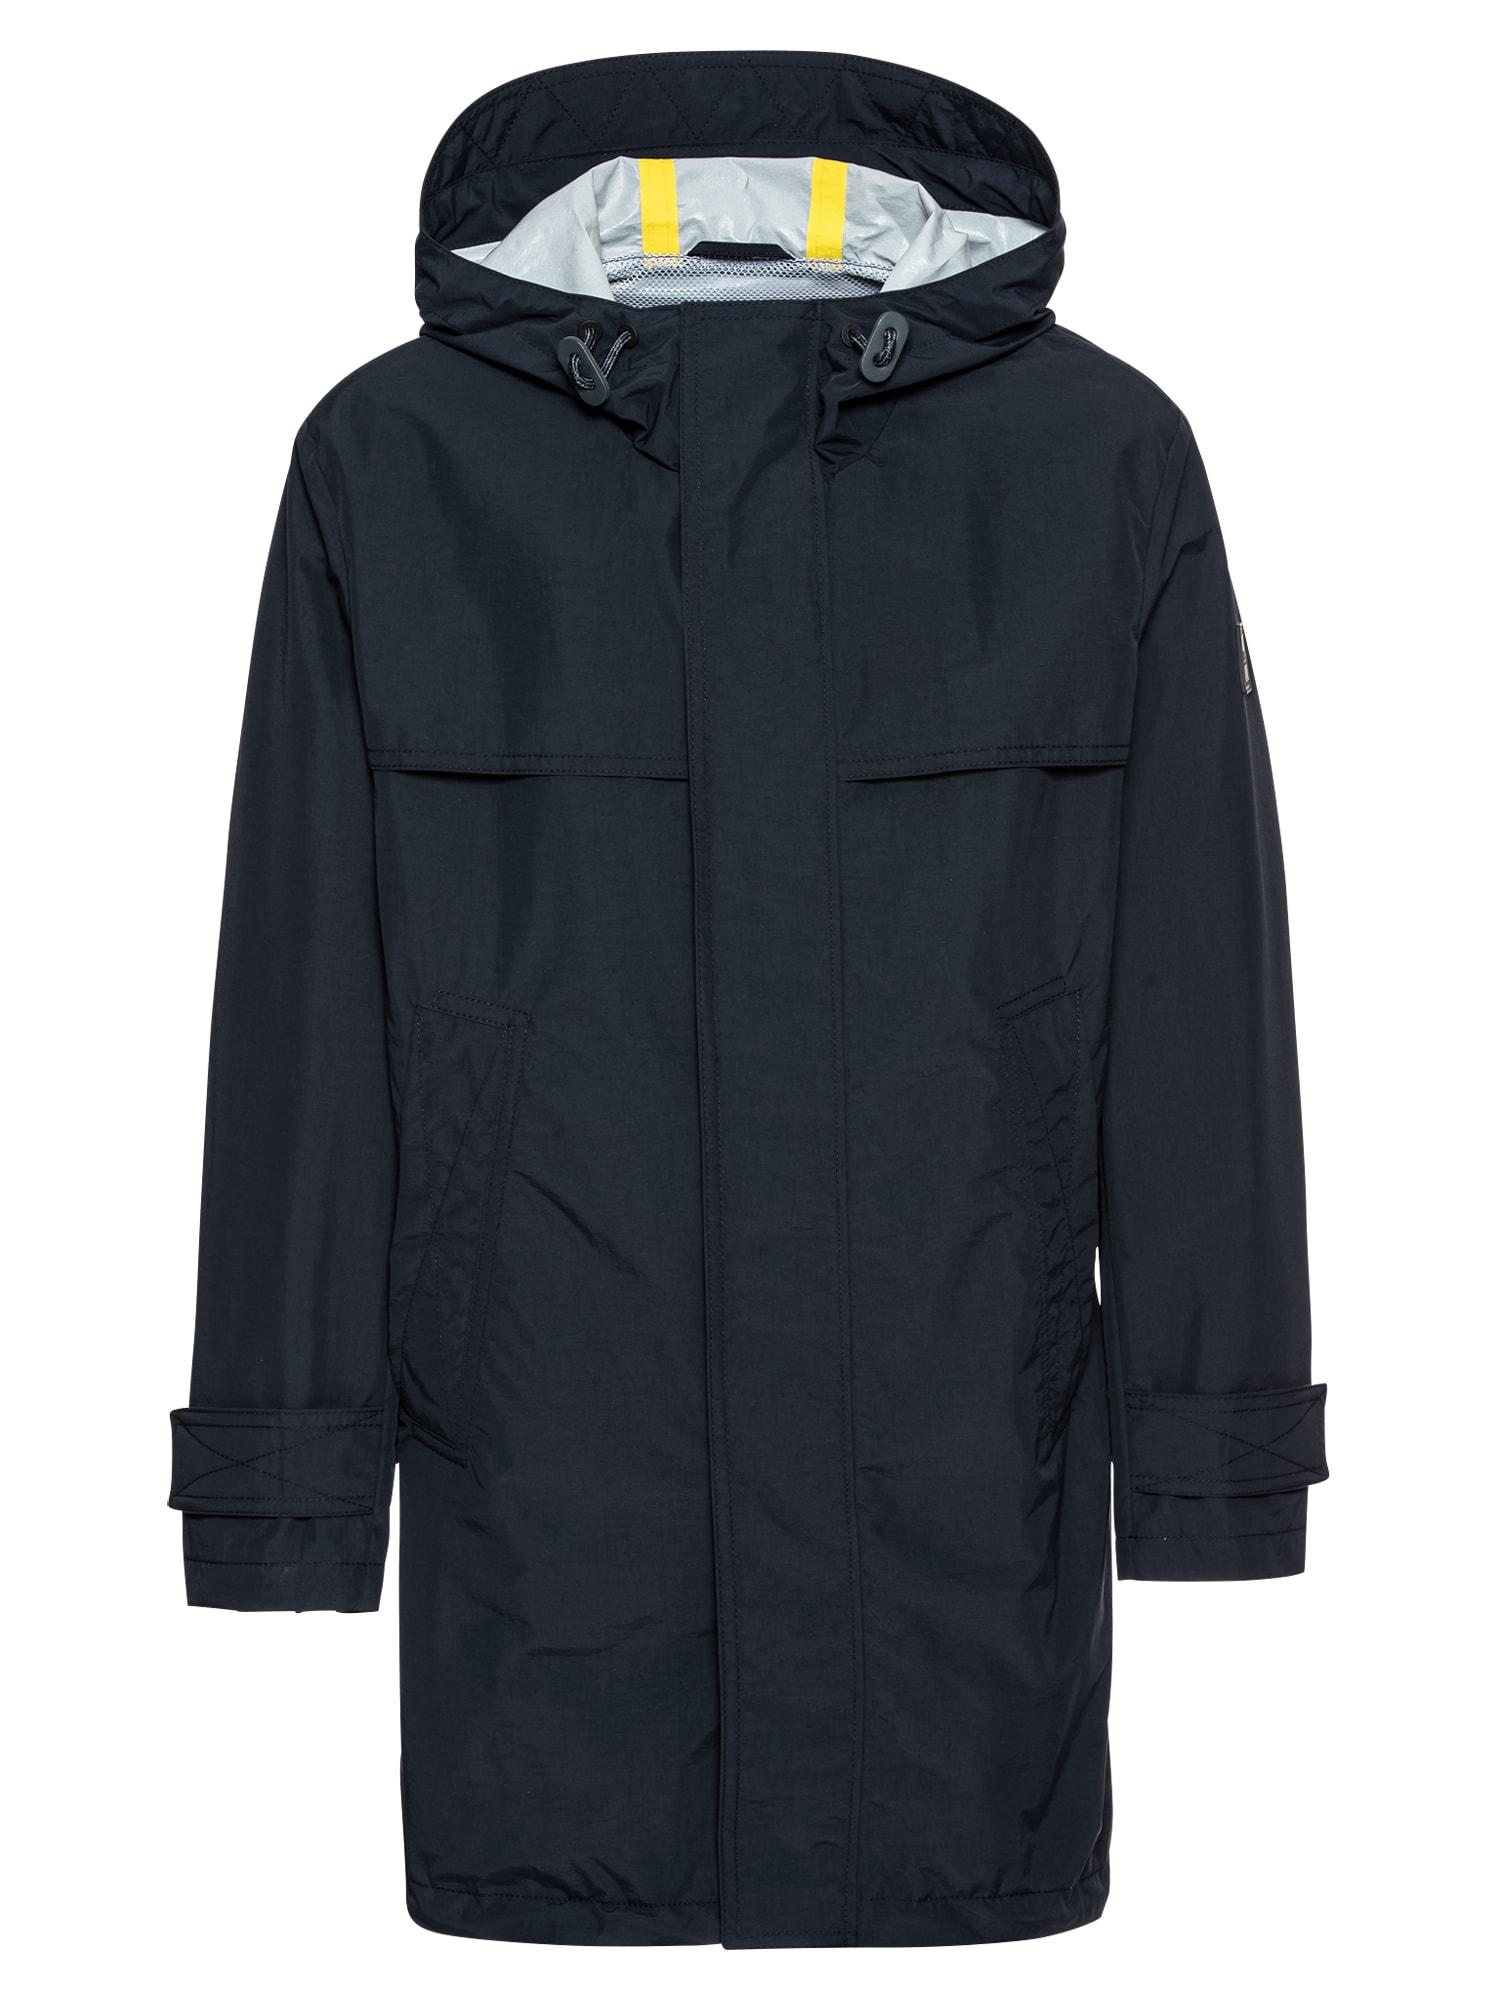 Přechodný kabát Urain tmavě modrá BOSS